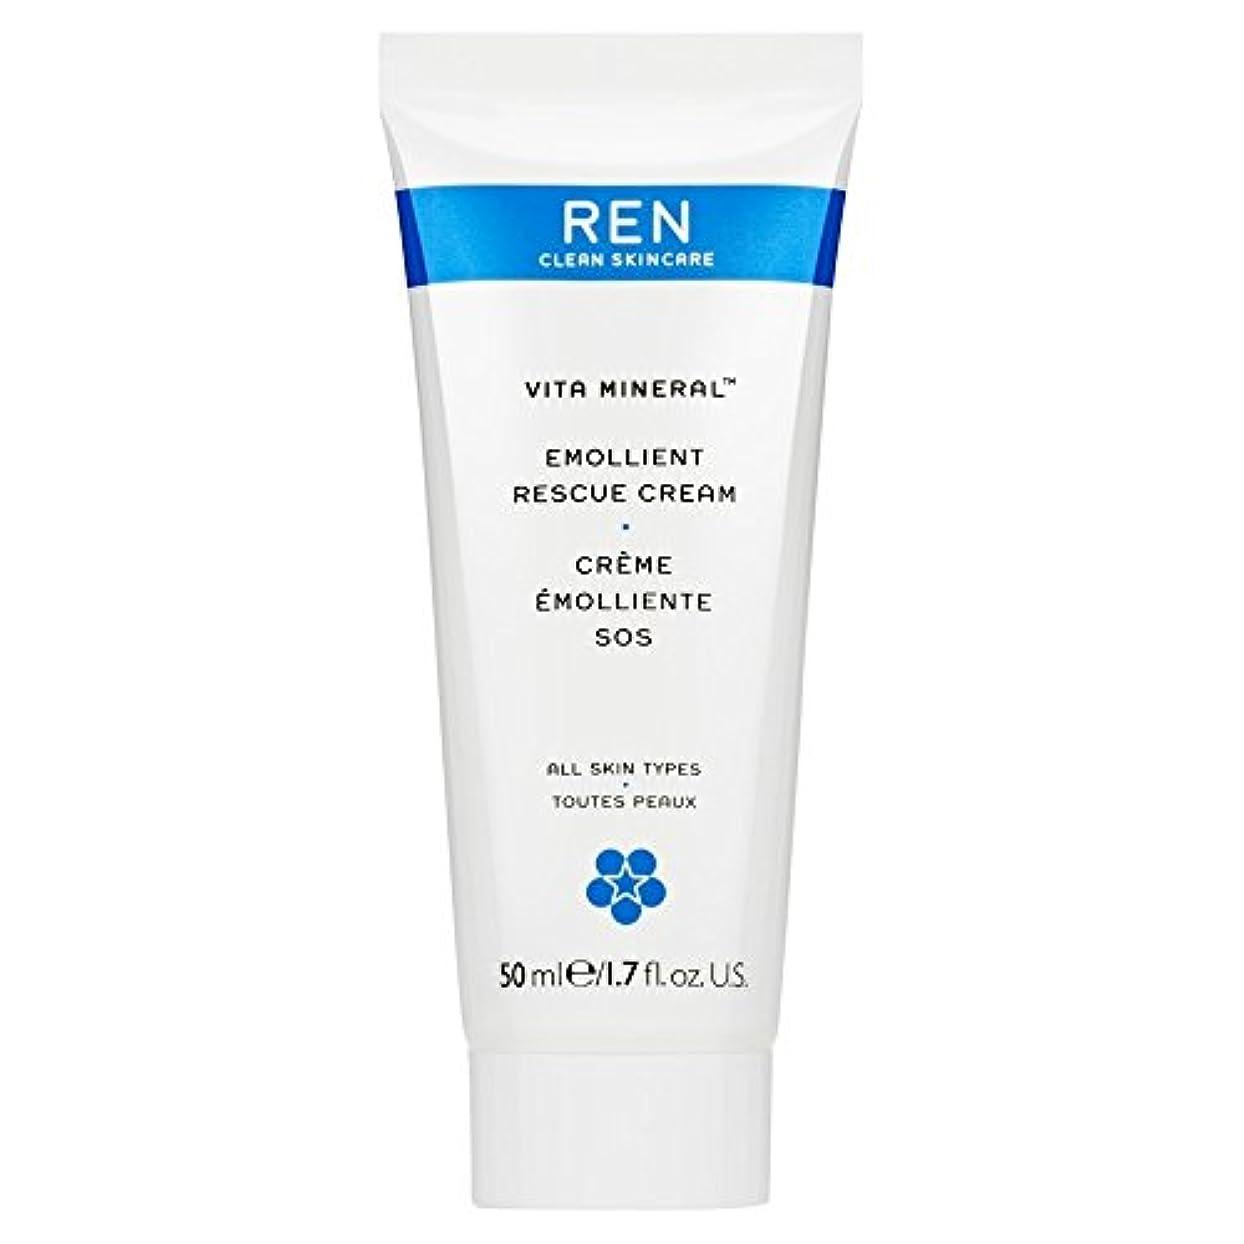 染色休日空虚Renヴィータミネラルレスキュークリーム、50ミリリットル (REN) (x2) - REN Vita Mineral Rescue Cream, 50ml (Pack of 2) [並行輸入品]